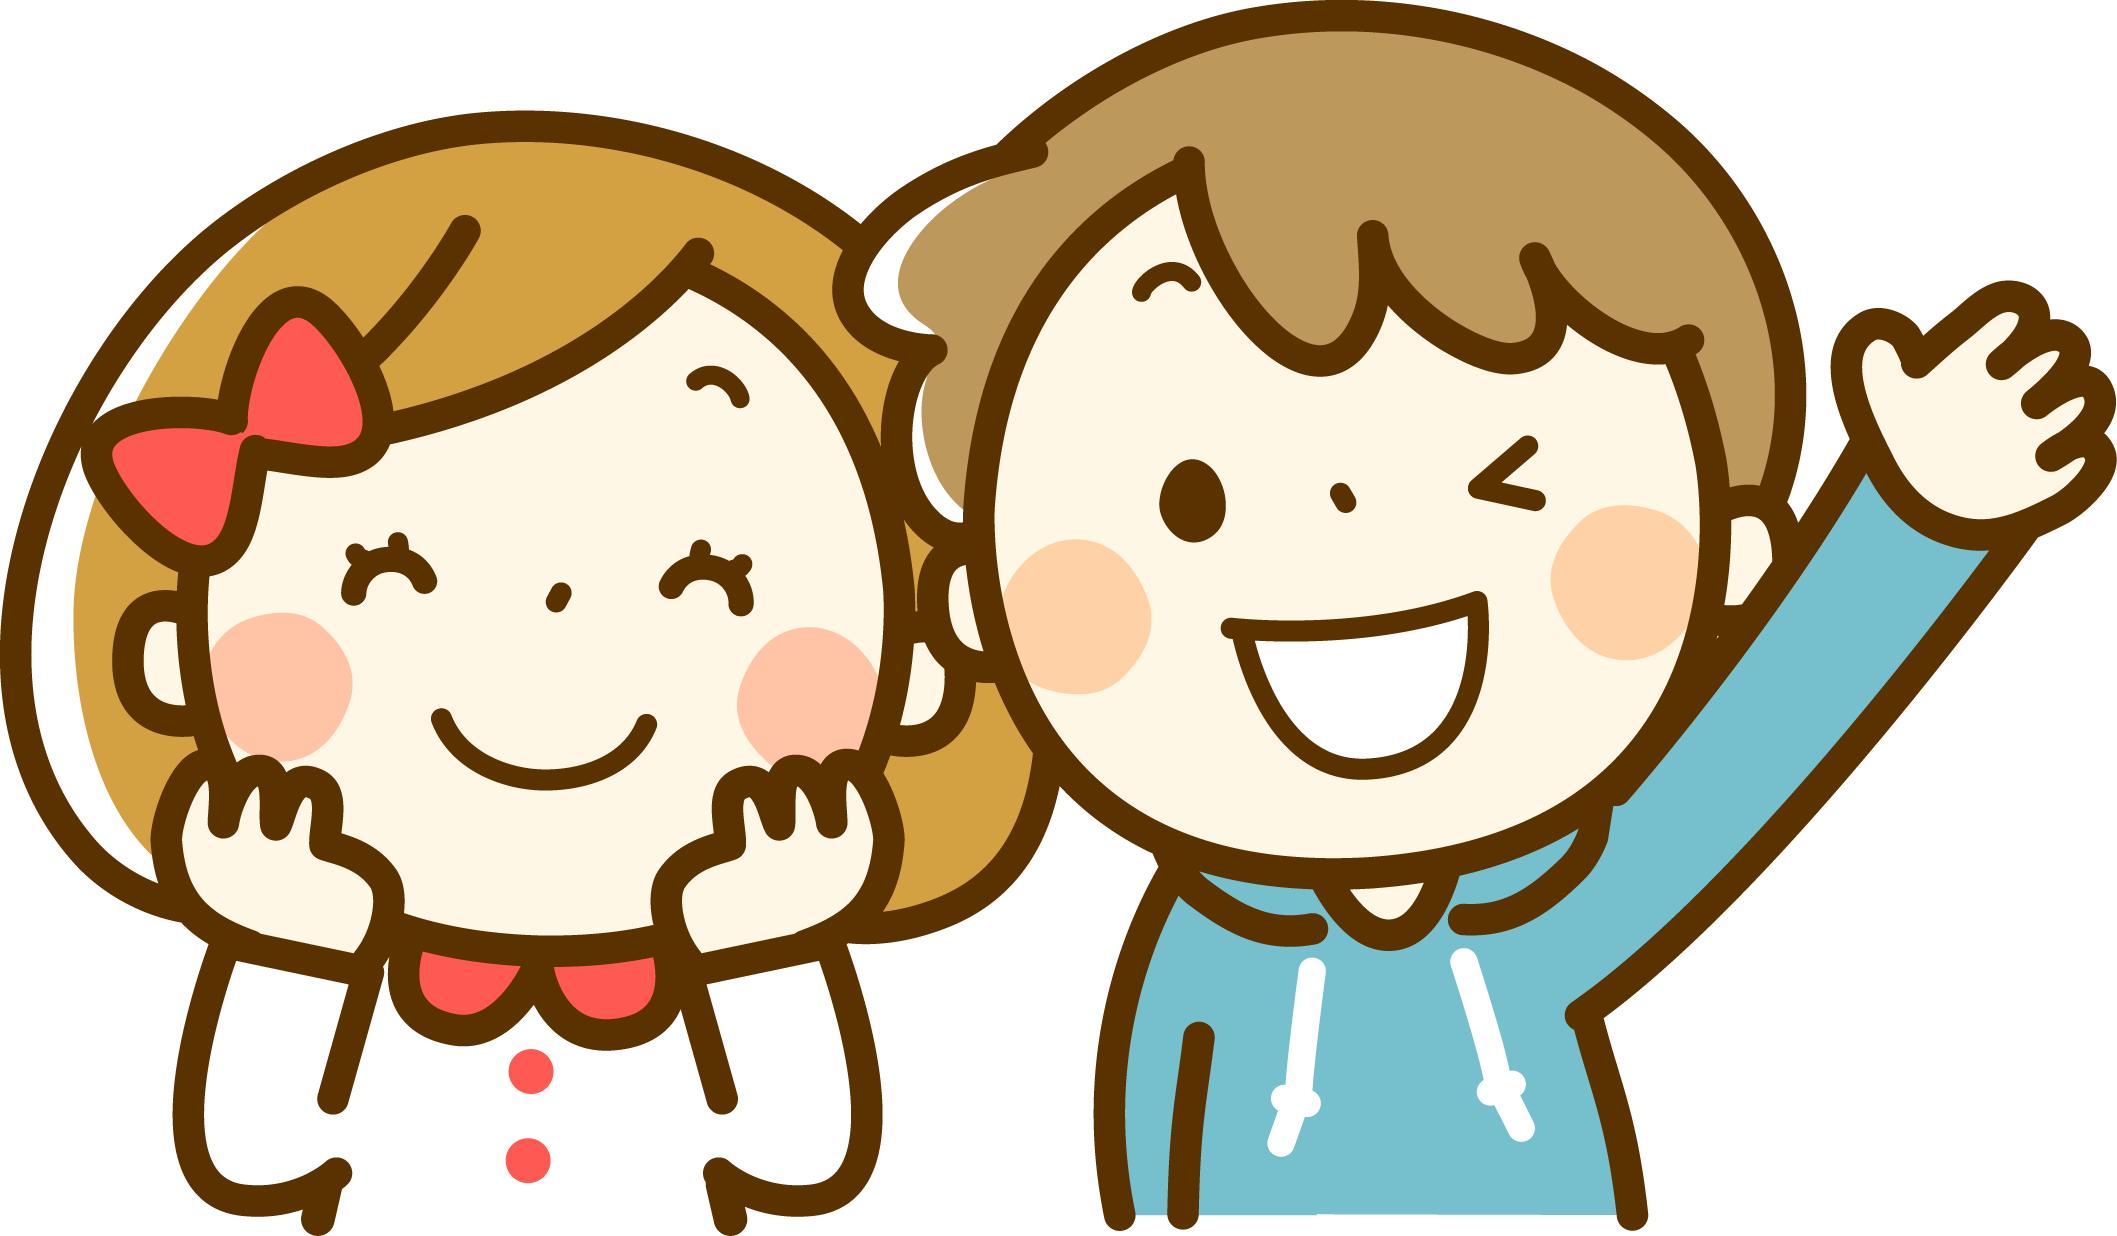 【福岡市中央区】直接雇用のパート求人♪9:00~14:00!週4日!扶養内をご希望の方におススメ♪